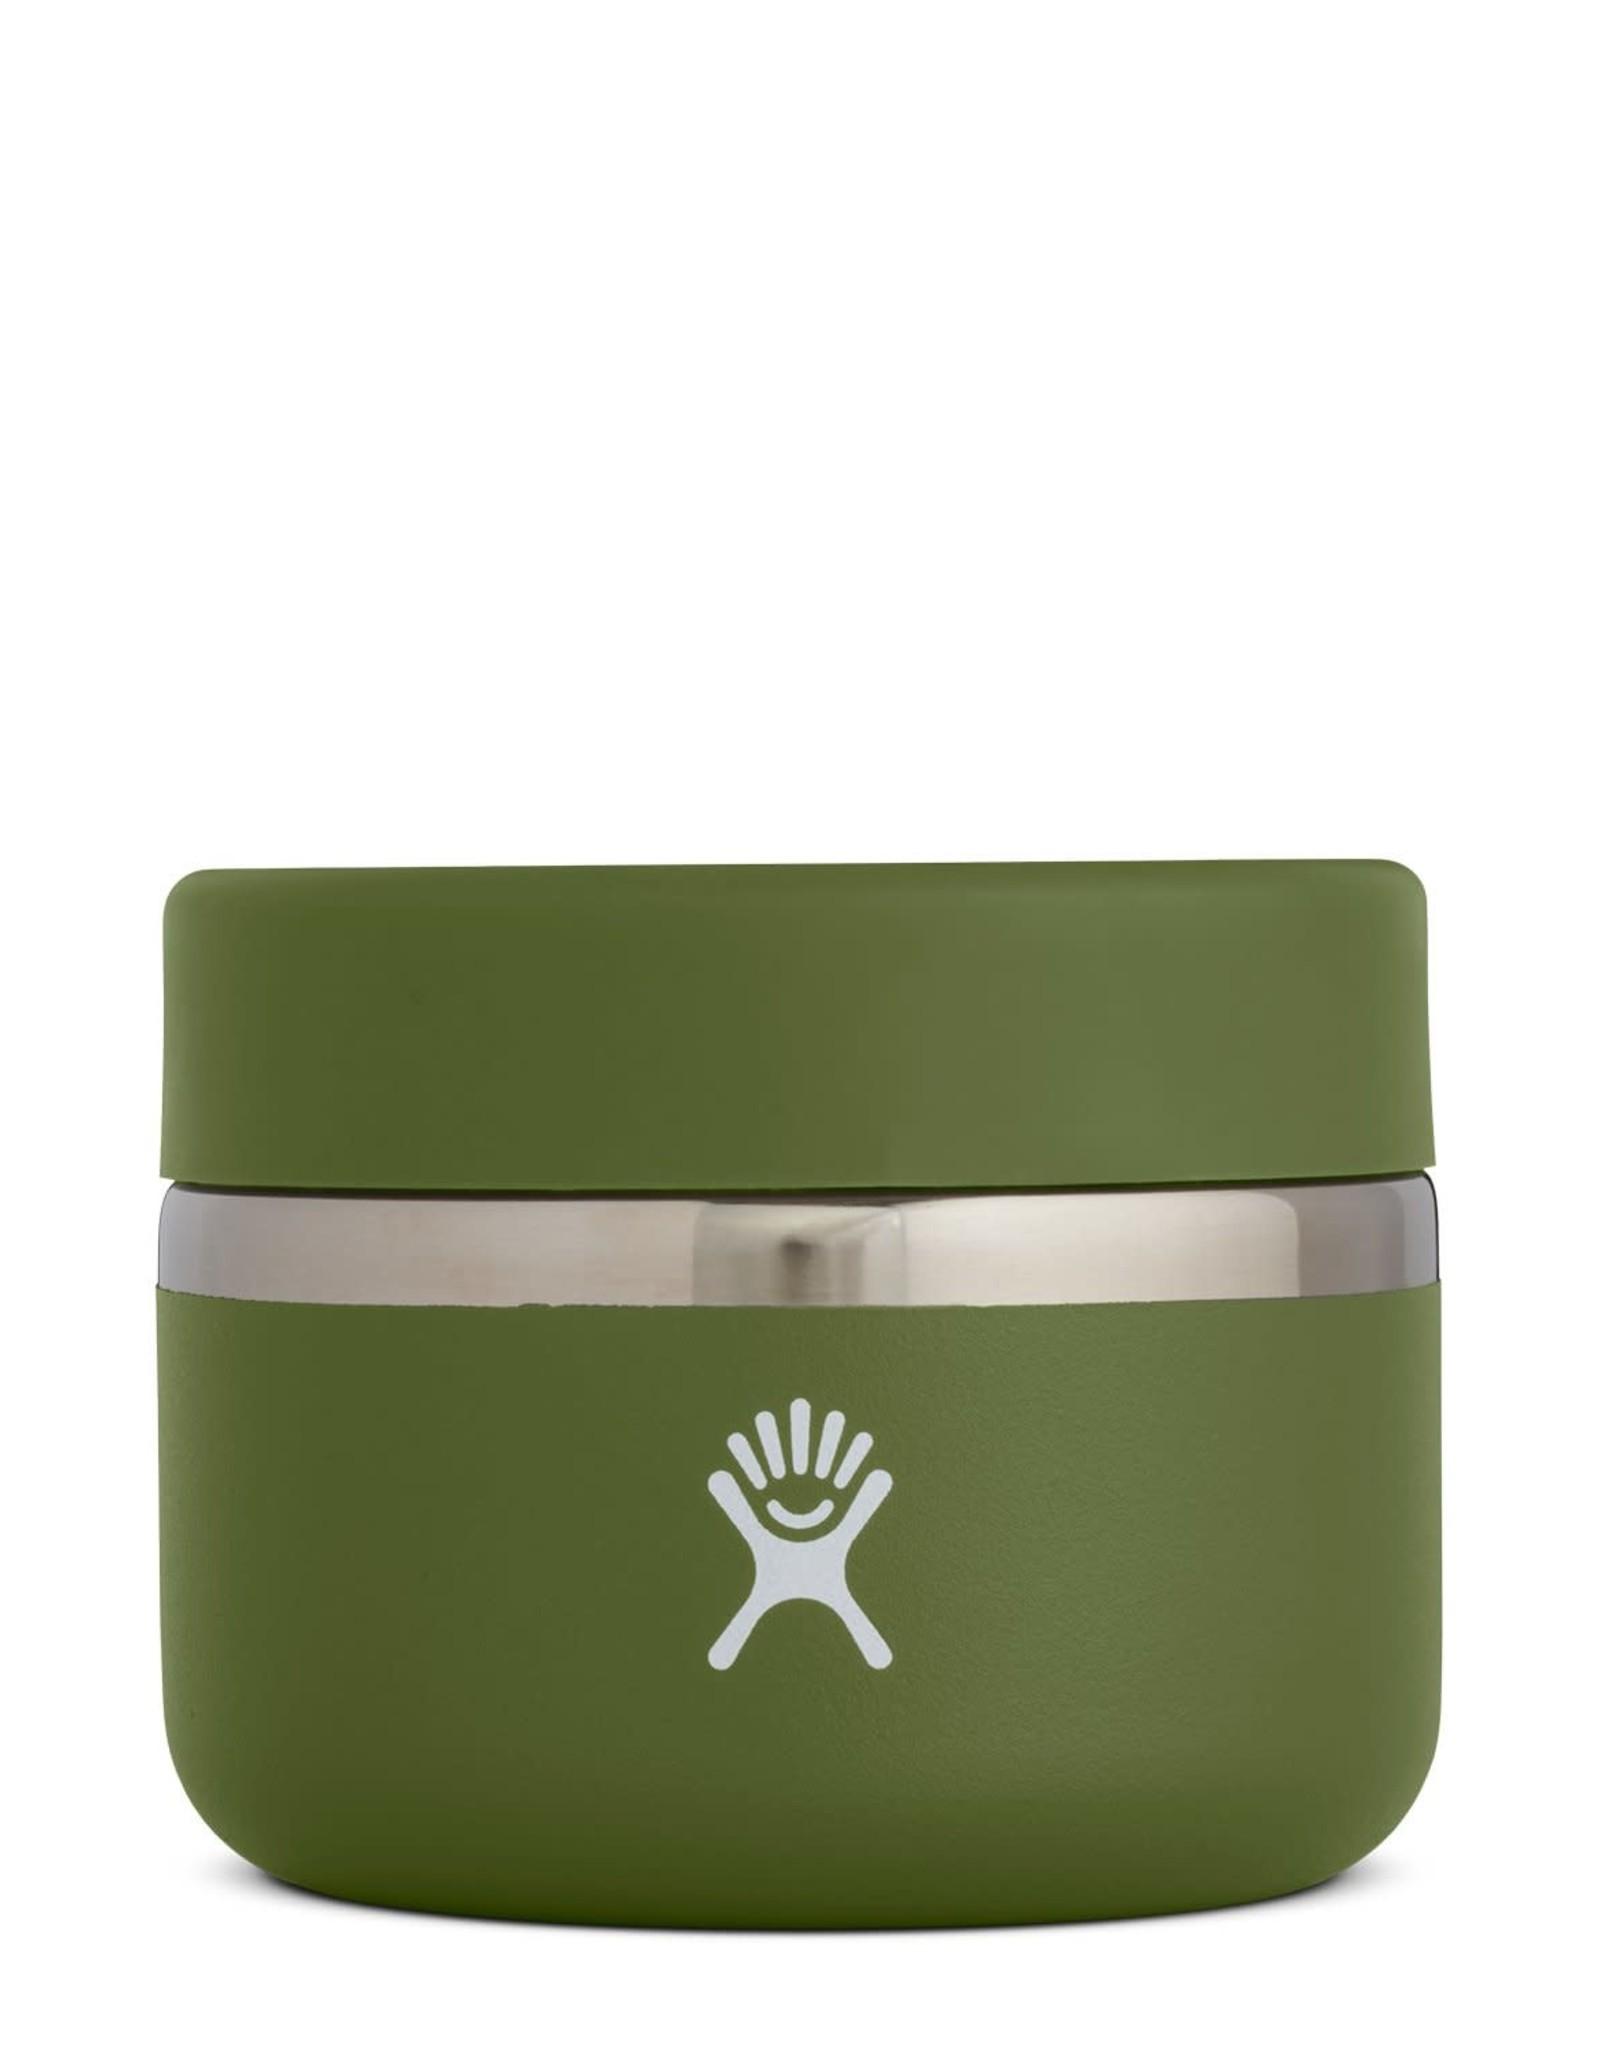 HYDRO FLASK 12oz Insulated Food Jar (354ml)